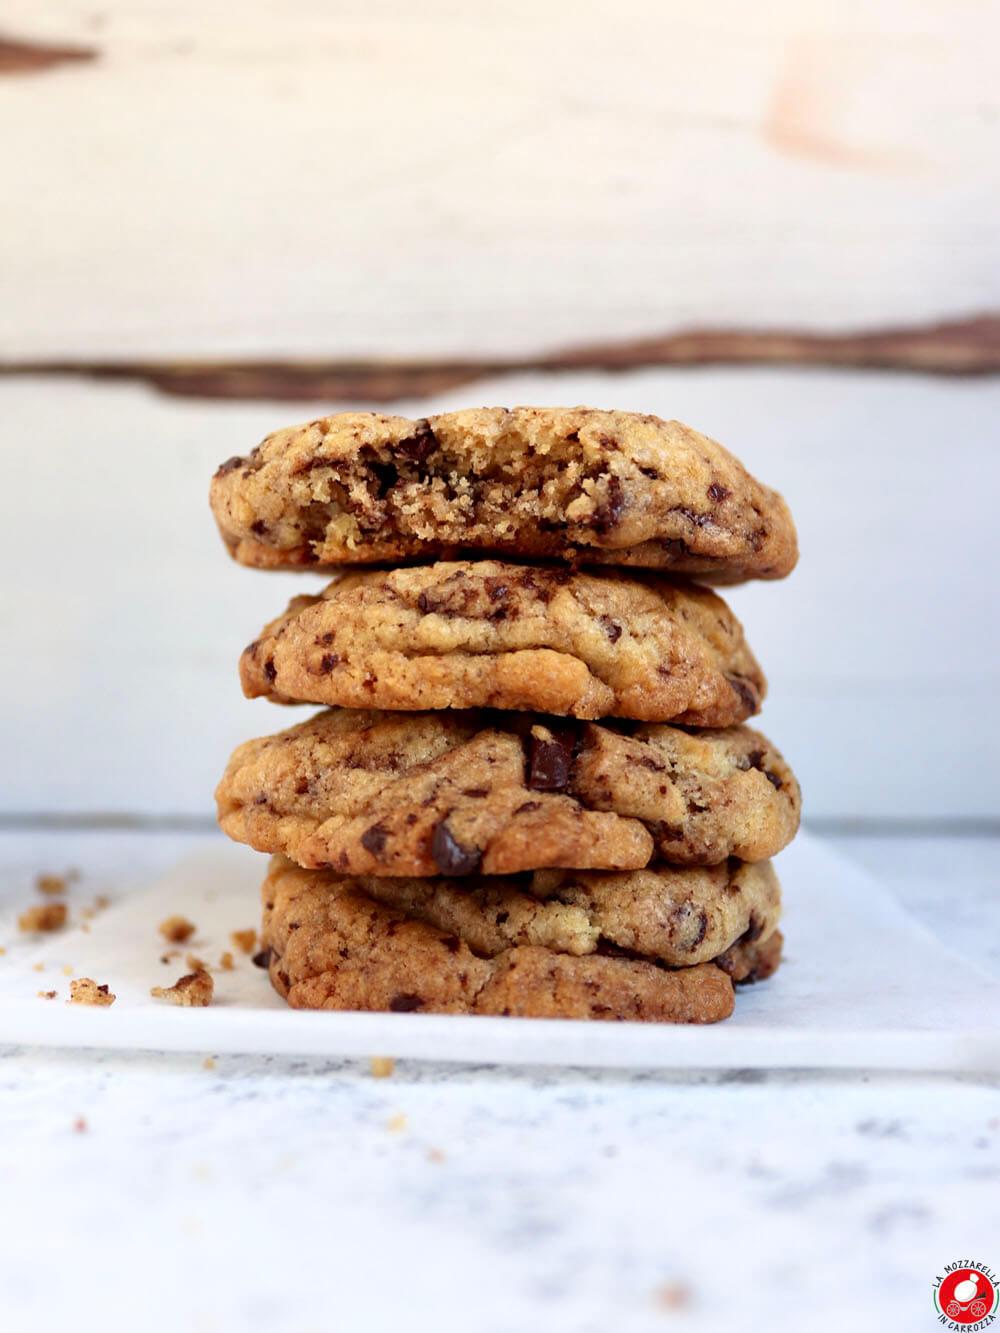 La Mozzarella In Carrozza - Cookies con gocce di cioccolato